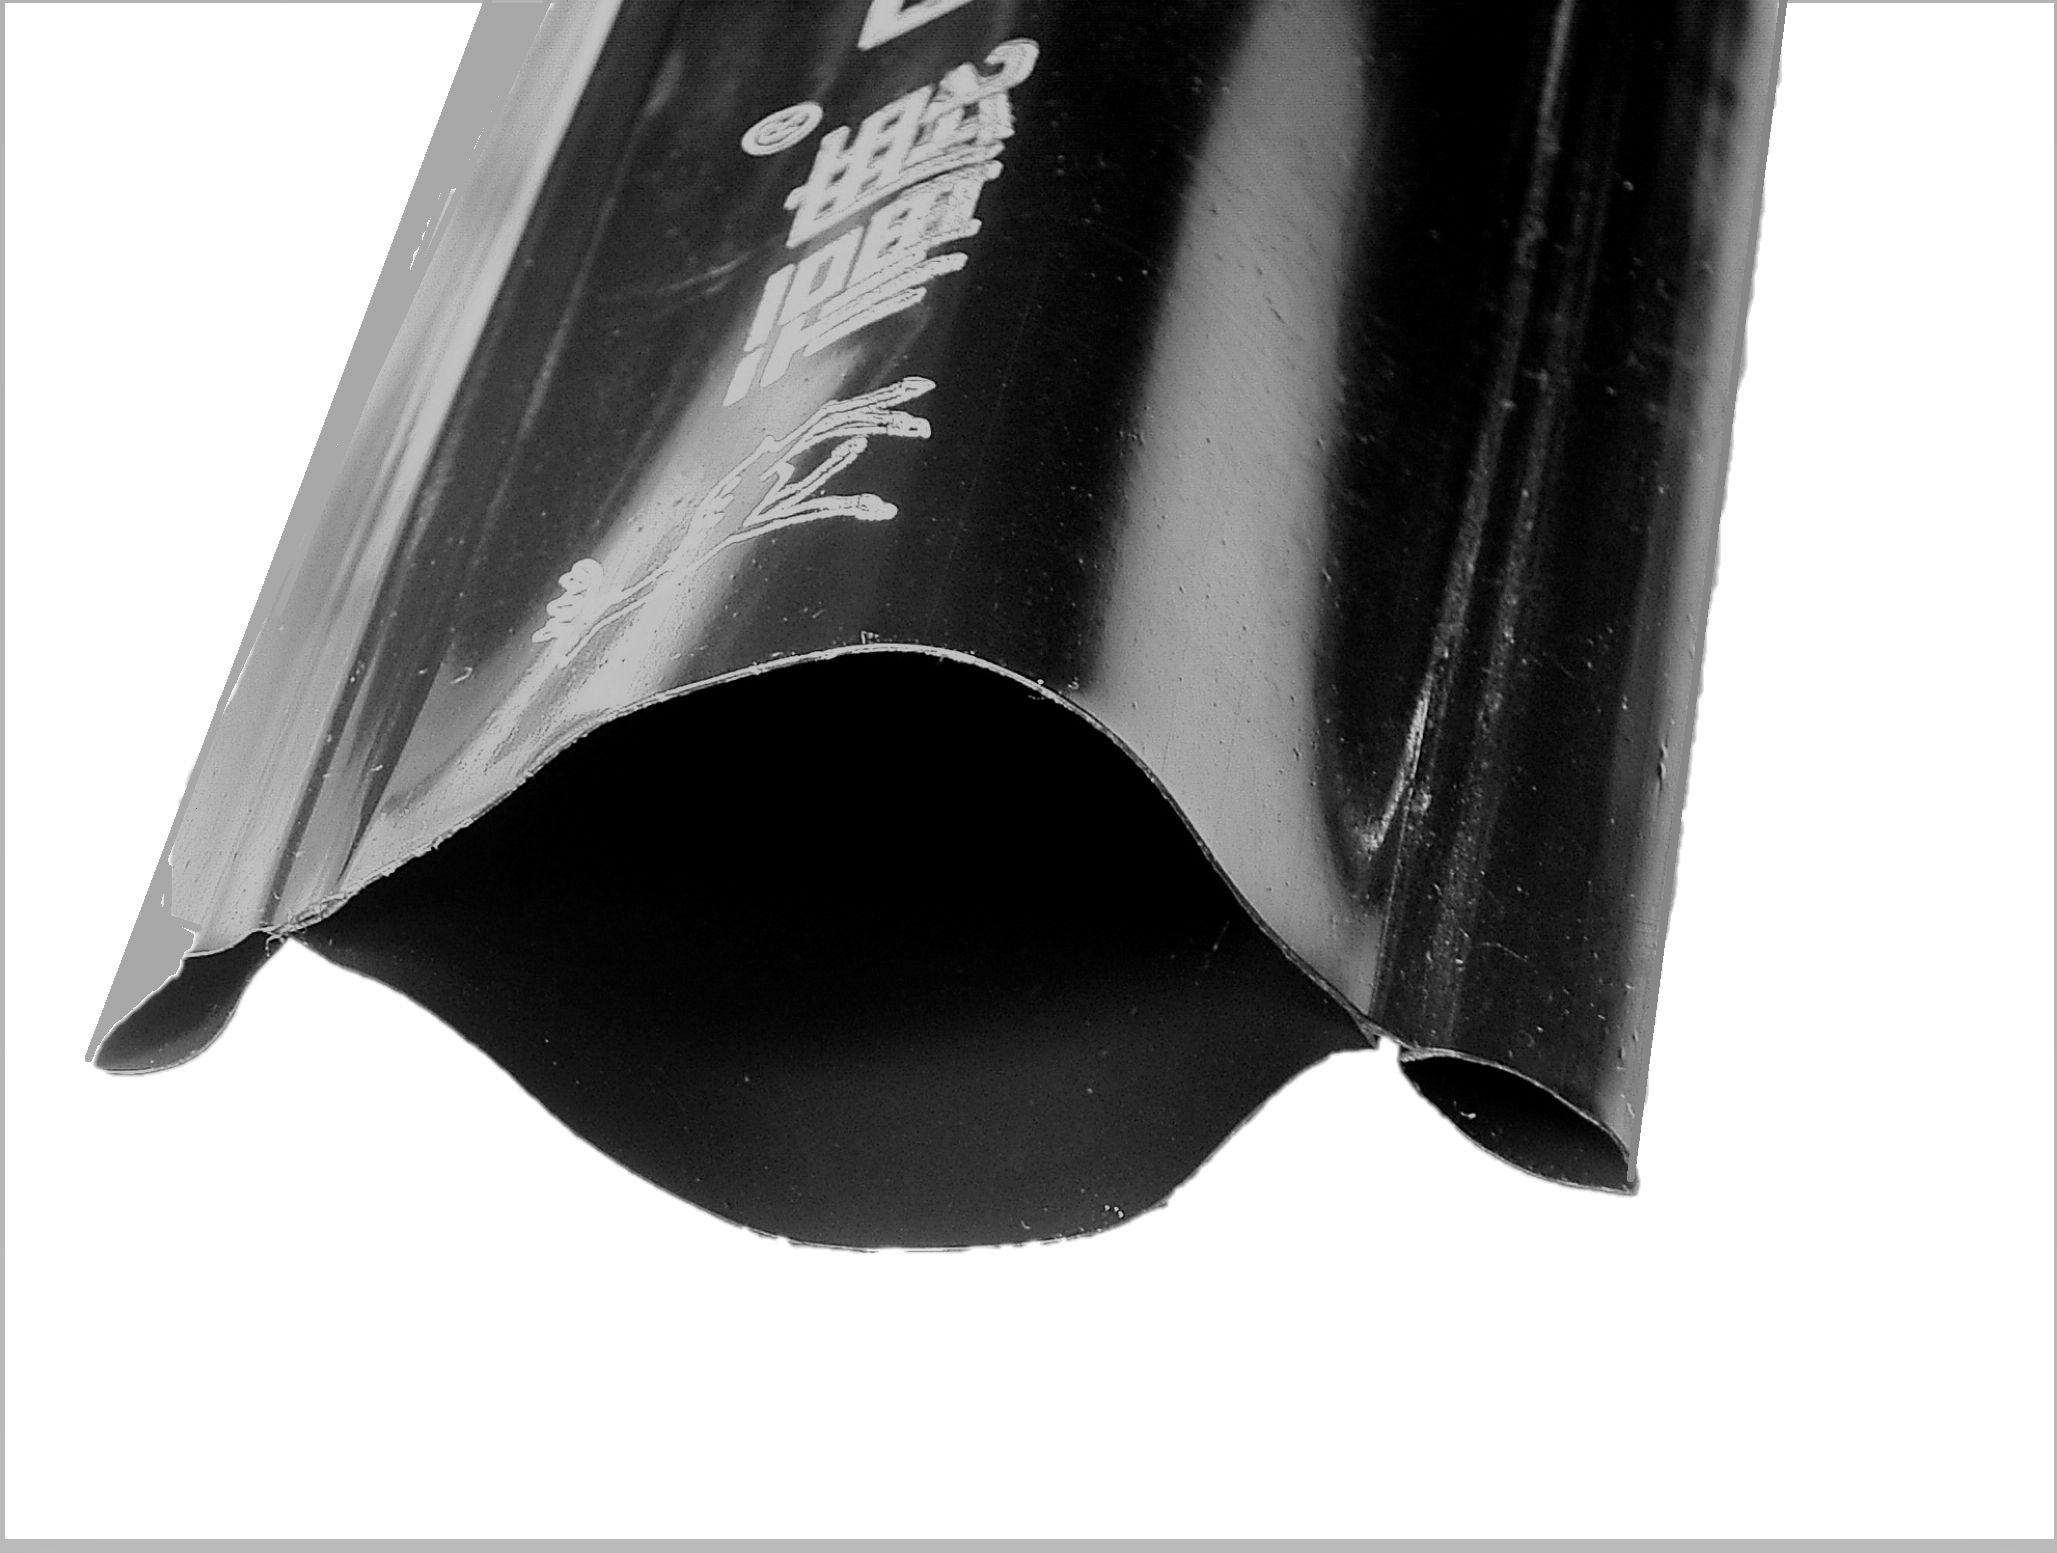 AJ-103 福鹿牌三管喷水管 3孔*100米,喷水角度稳定的微喷管优良护边的微喷带